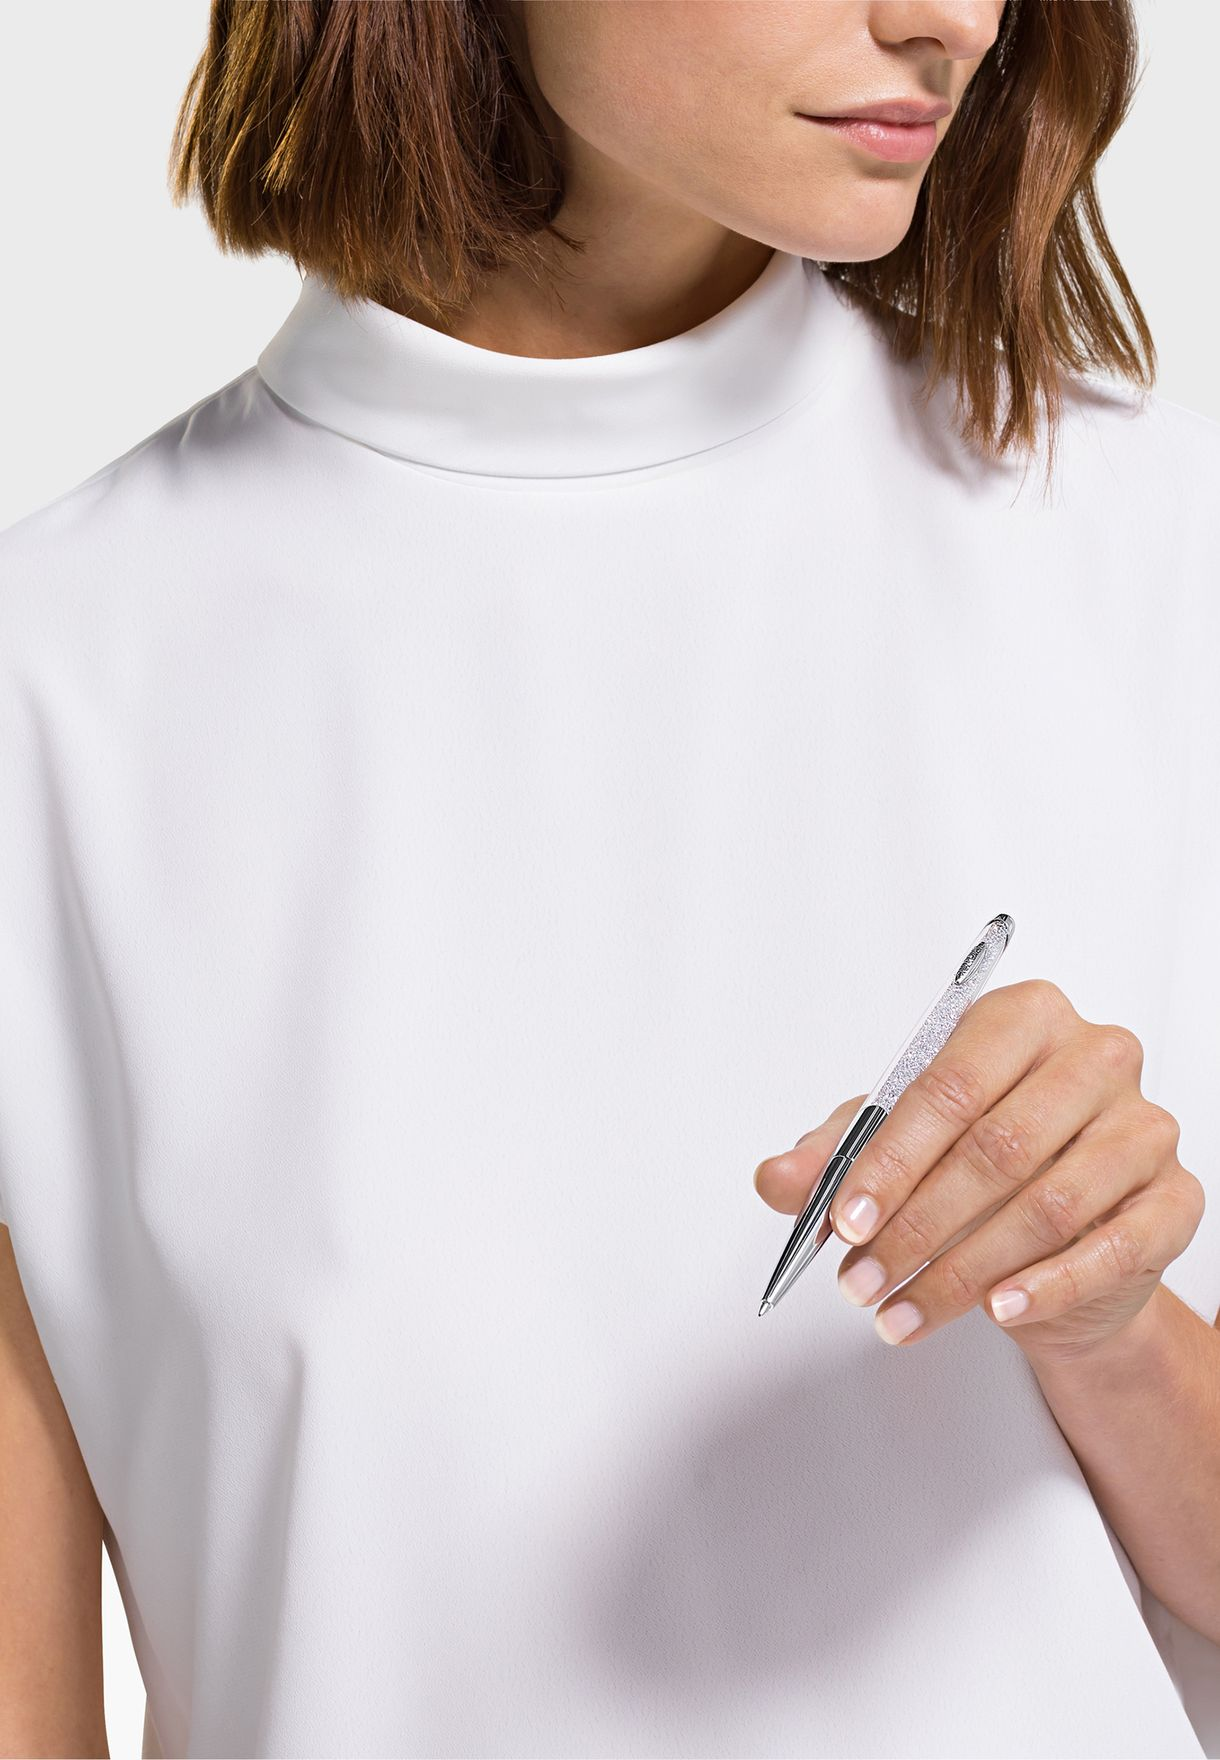 Crystalline Nova Ballpoint Pen